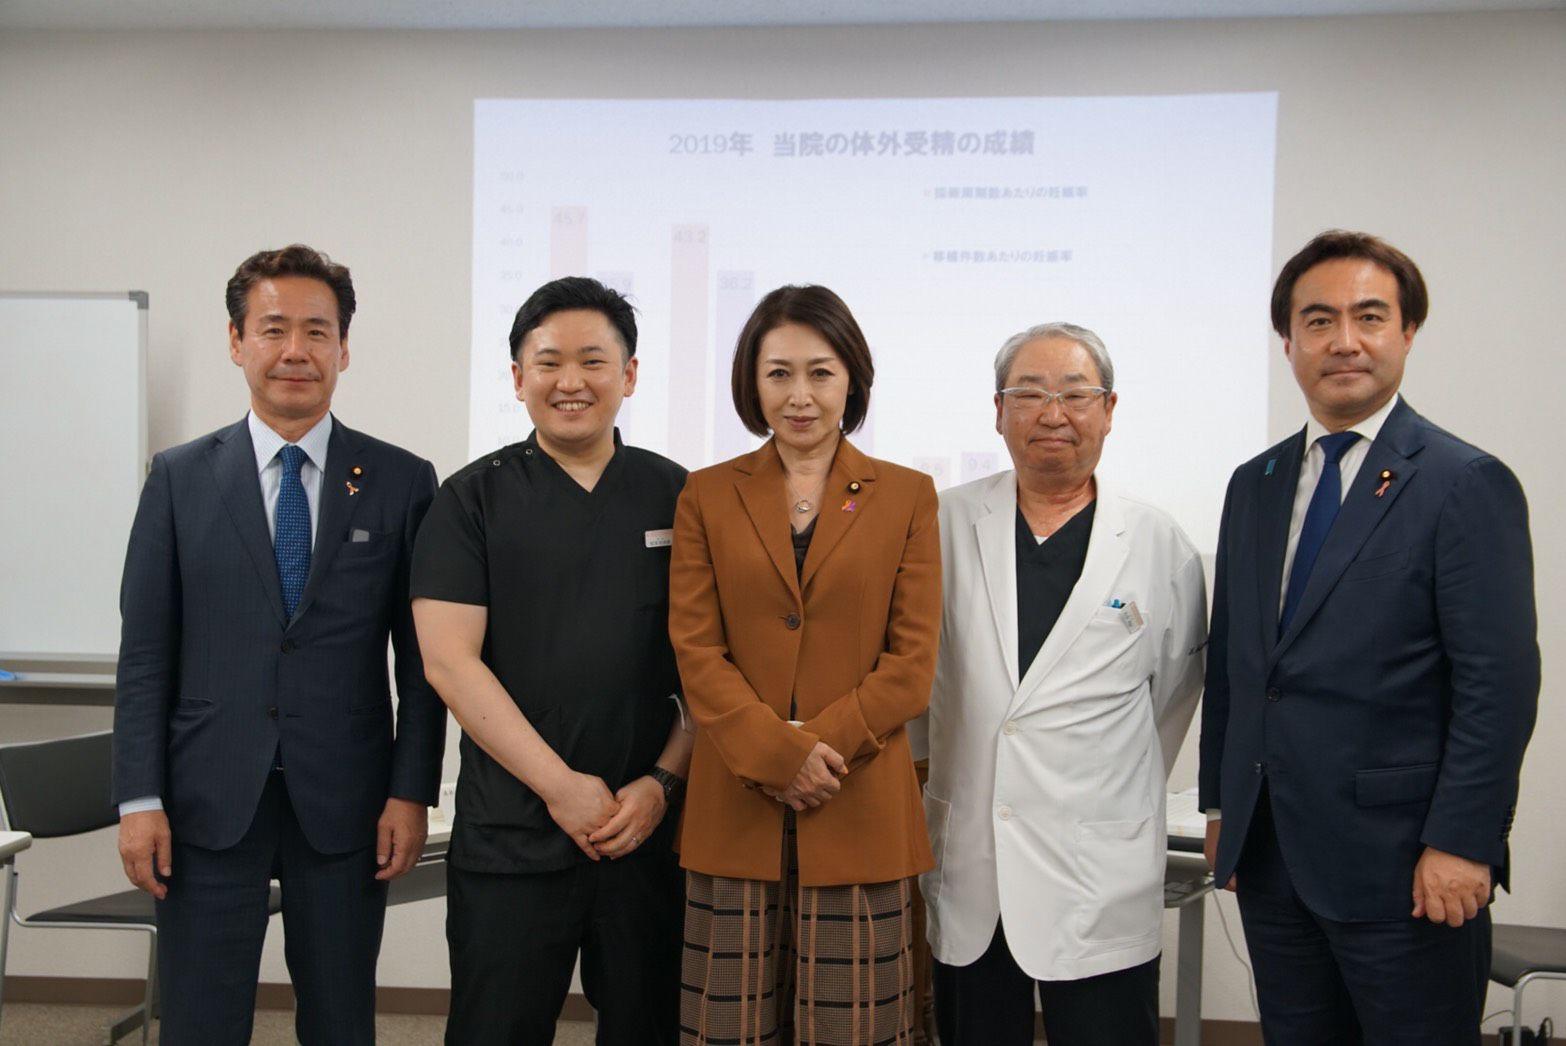 厚生労働副大臣の三原じゅん子先生がご視察にいらっしゃいました